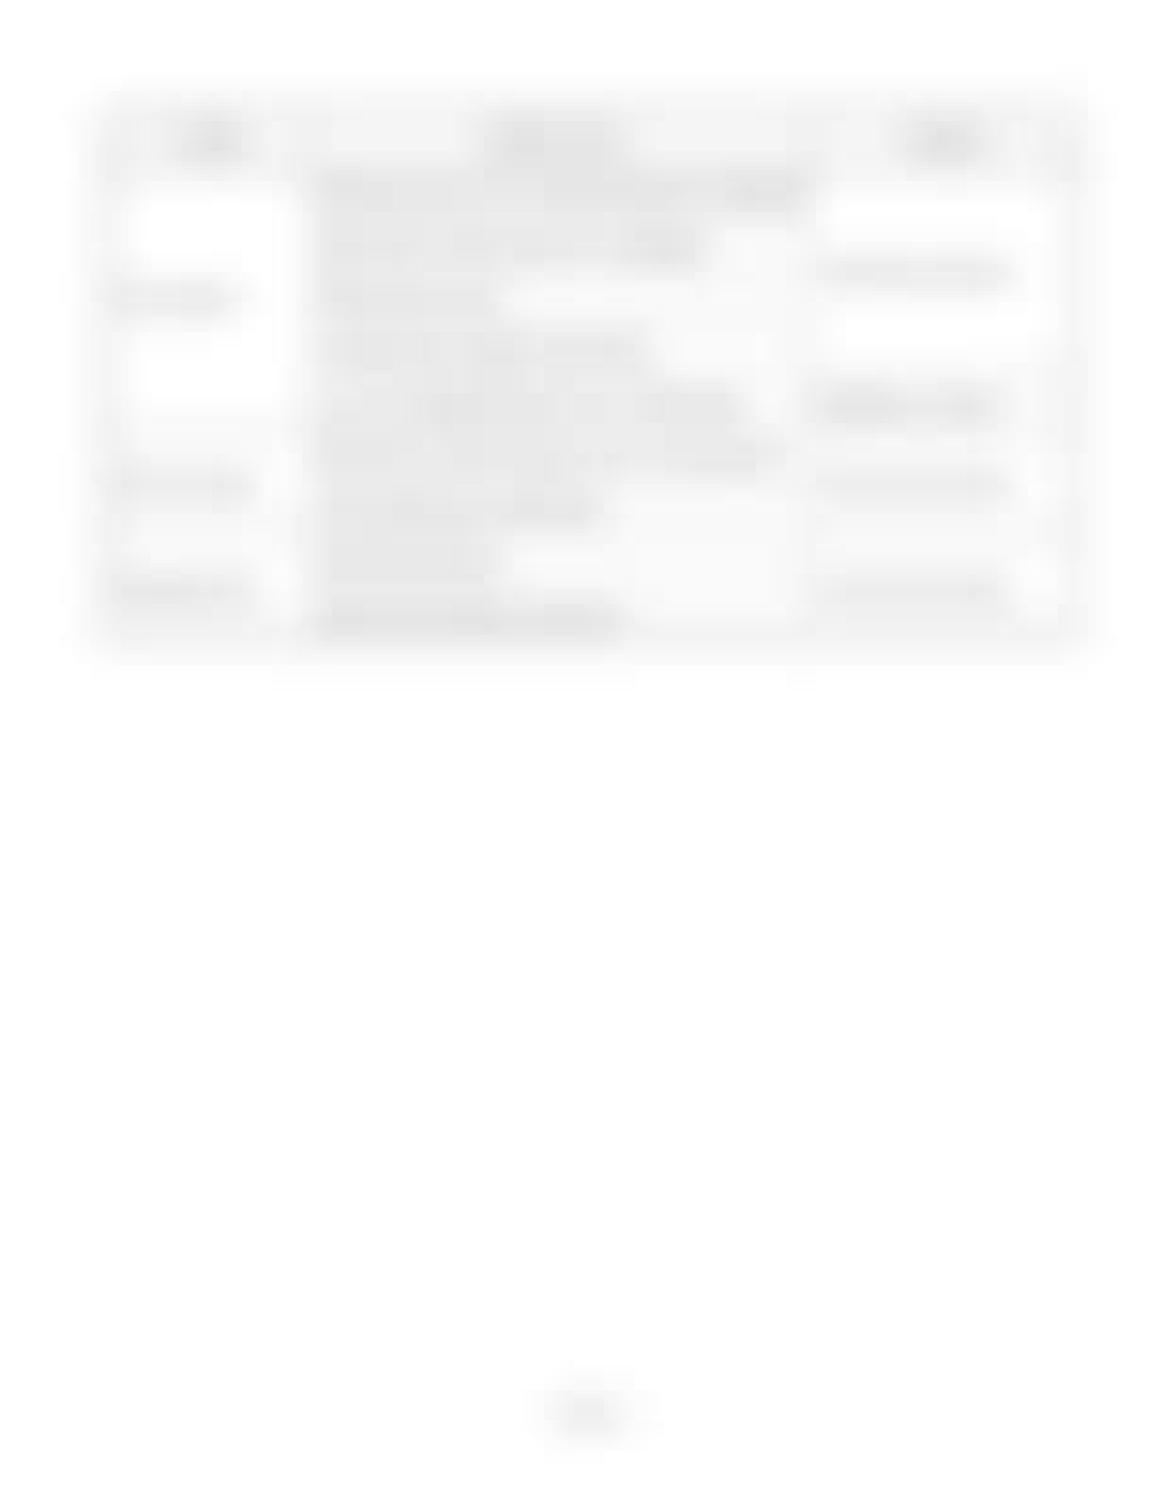 Hitachi LX110-7 LX130-7 LX160-7 LX190-7 LX230-7 Wheel Loader Workshop Manual - PDF DOWNLOAD page 217